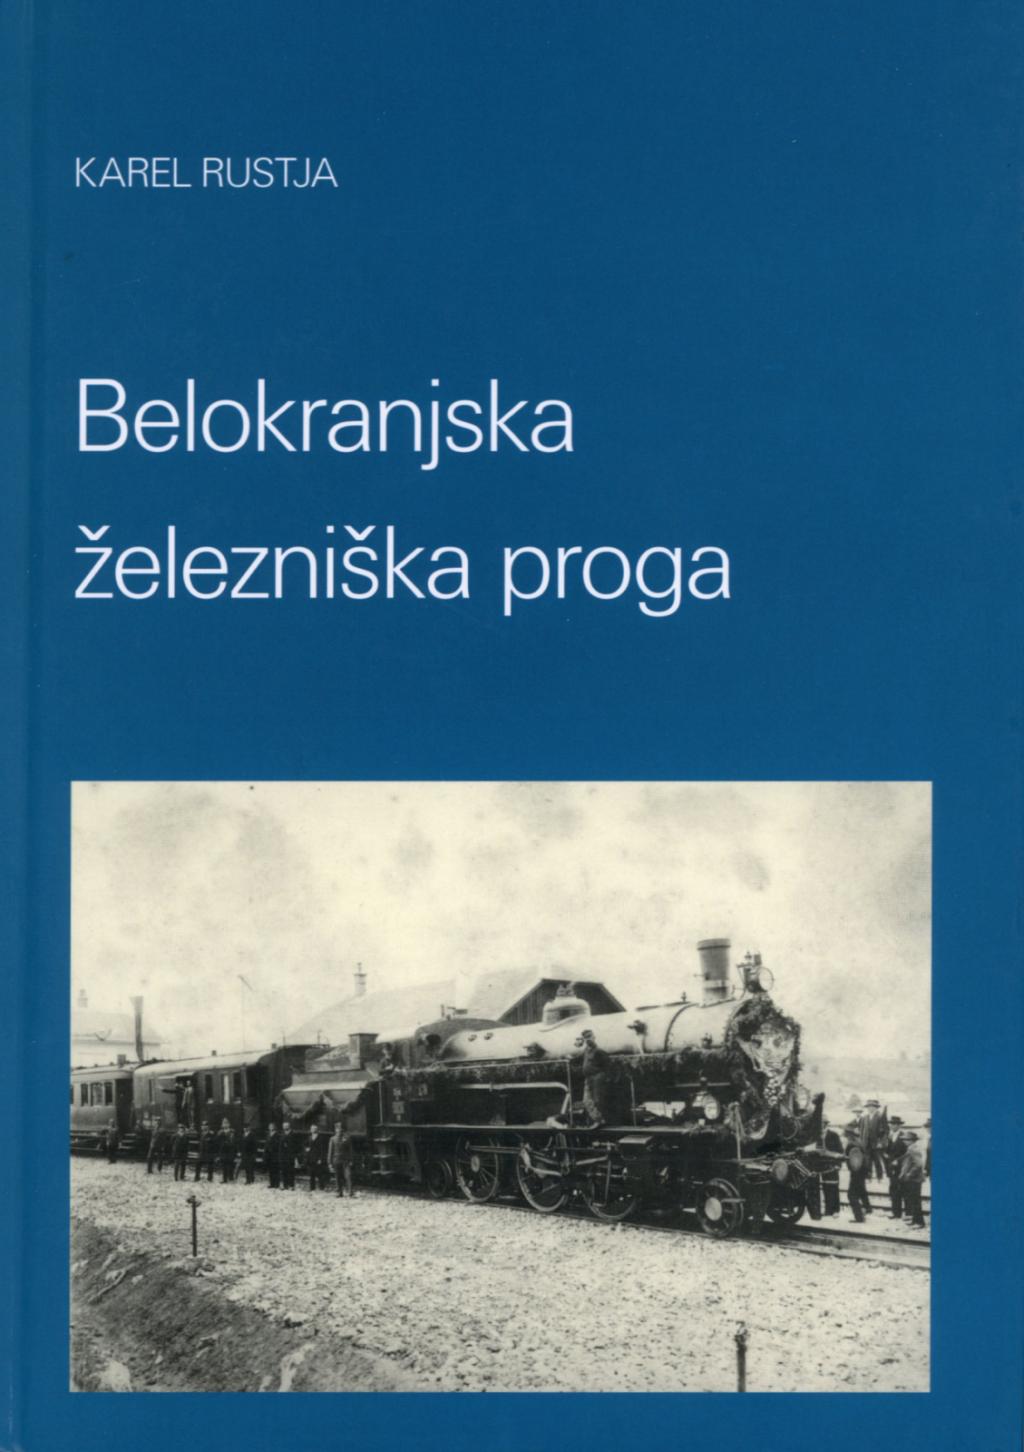 Karel Rustja Belokranjska železniška proga, 2009